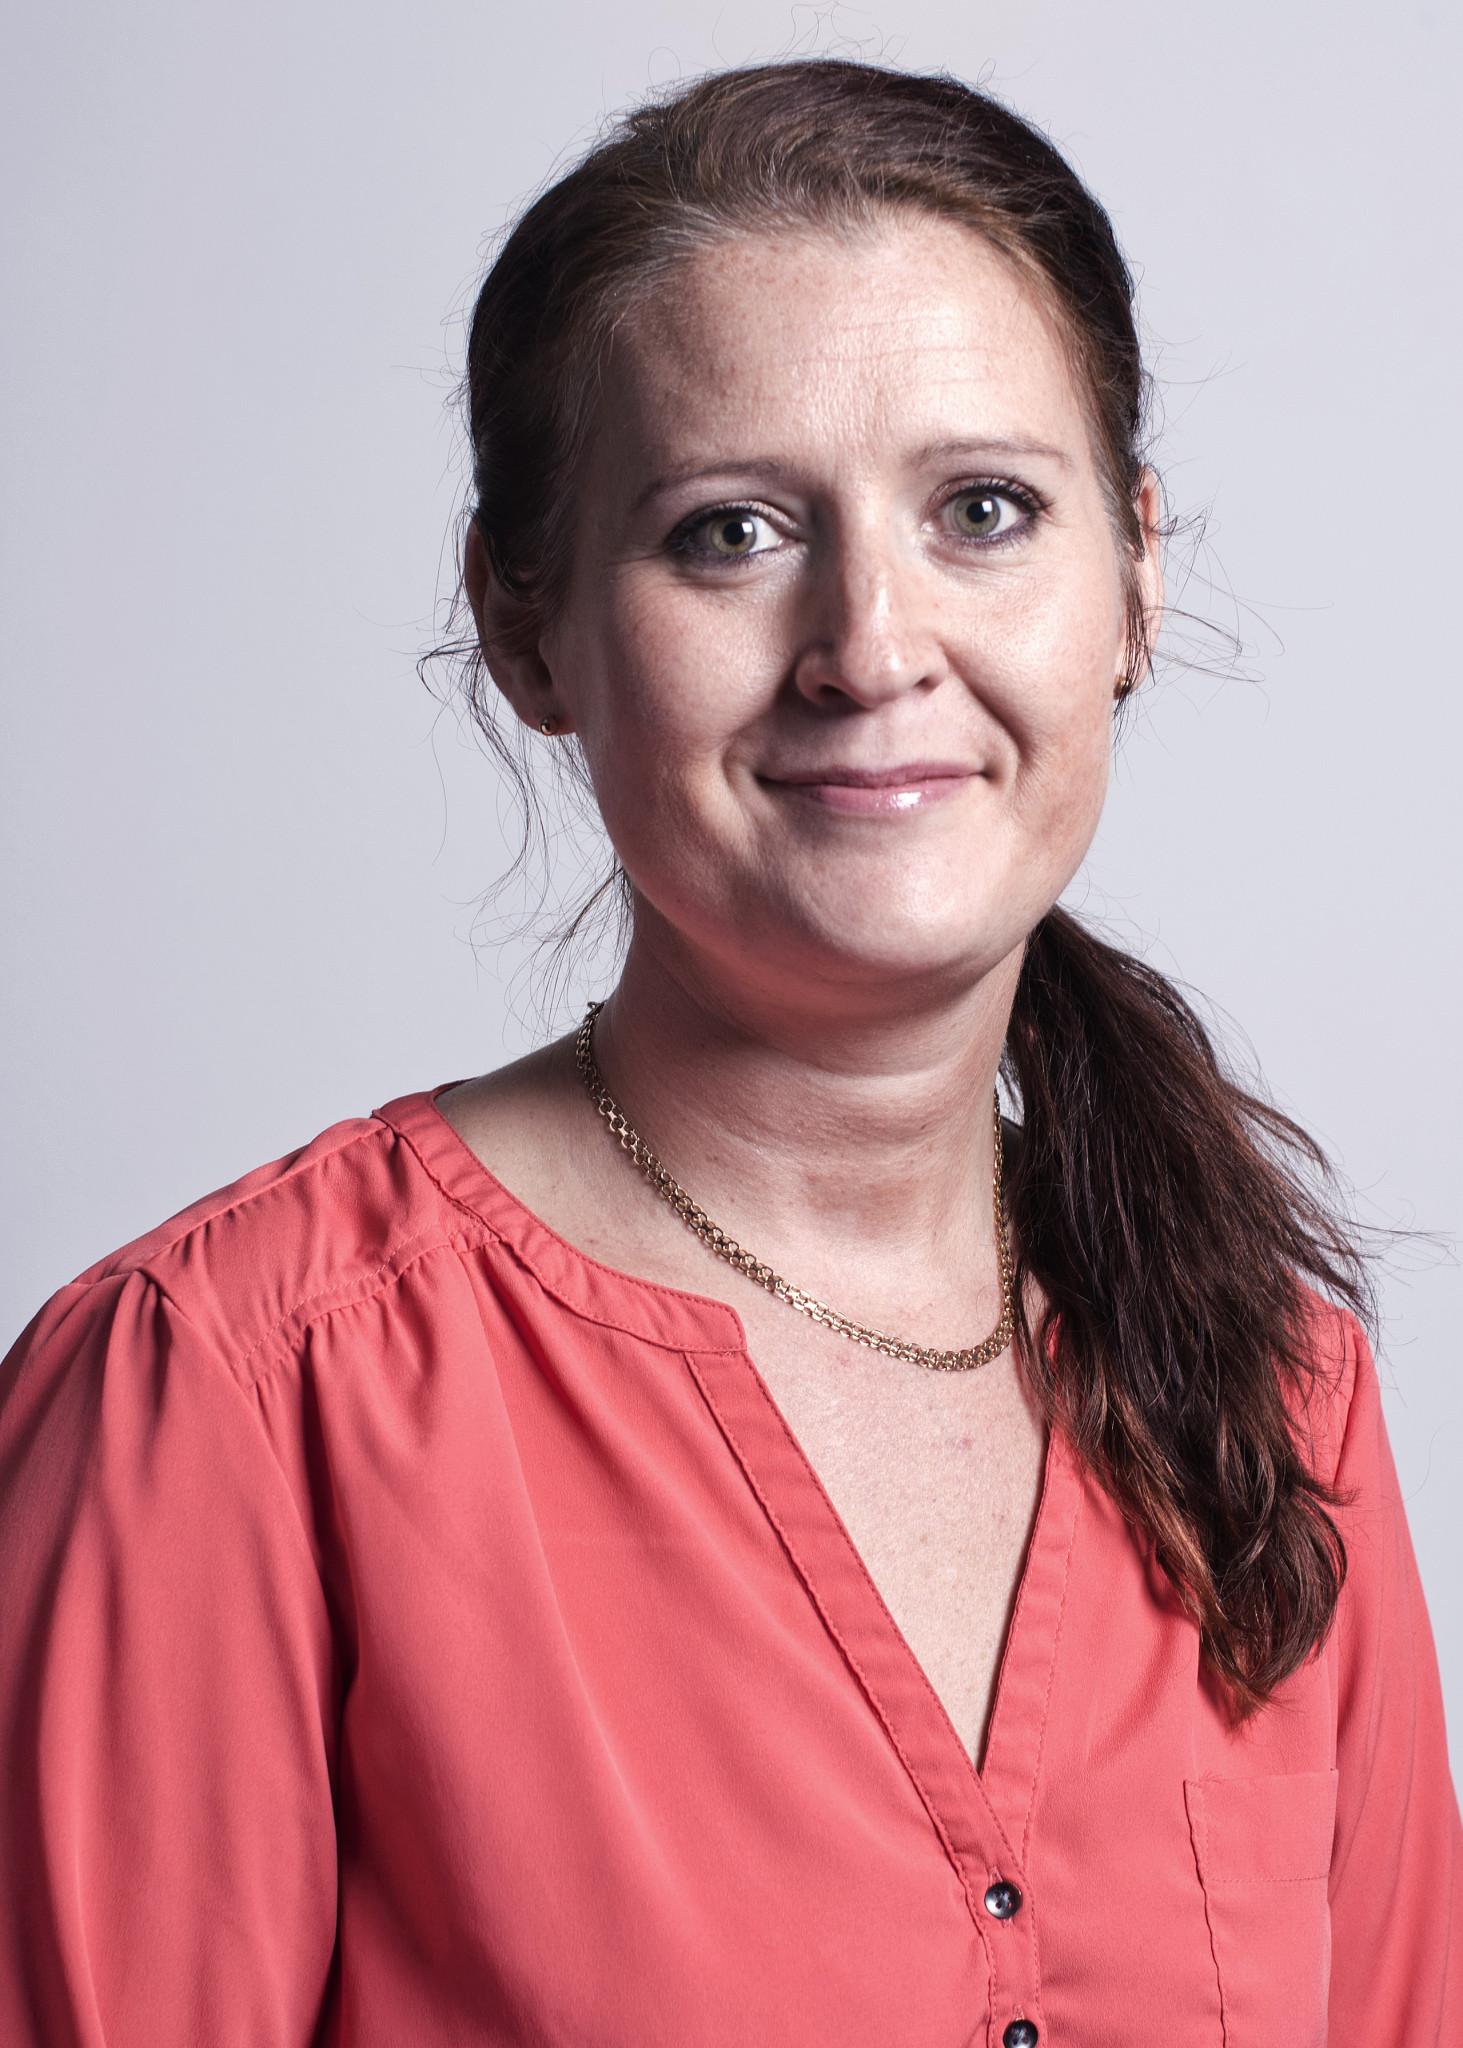 Desirée Hellberg